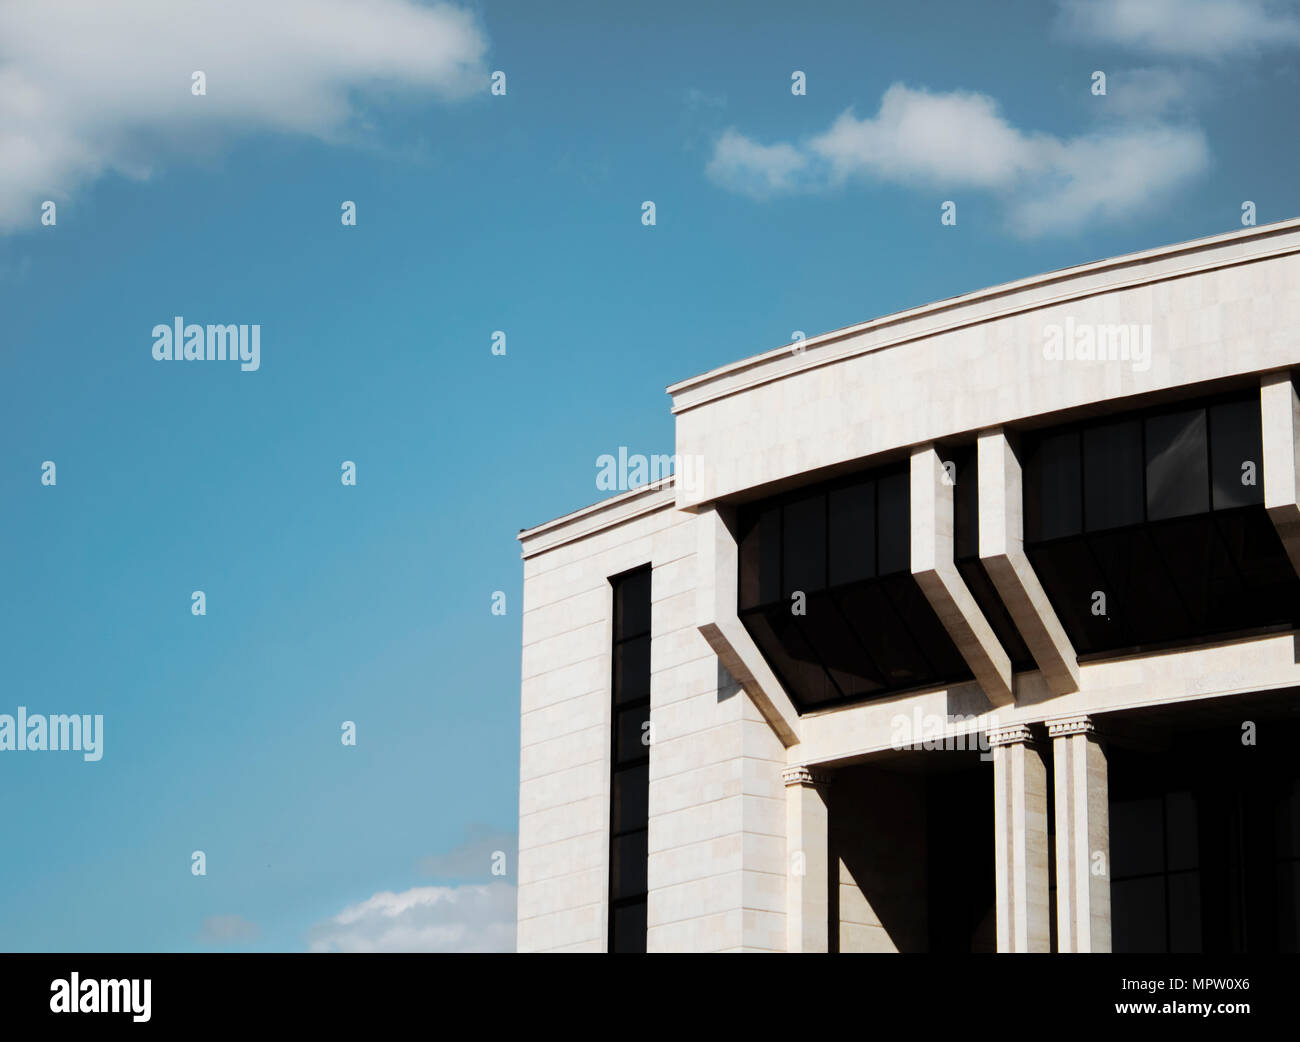 Zeitgenössische Architektur. Gebäude und Sky. Gebäude. Modernes Gebäude. Gebäude Hintergrund. Architektonischen Hintergrund. Architektur. Stockbild